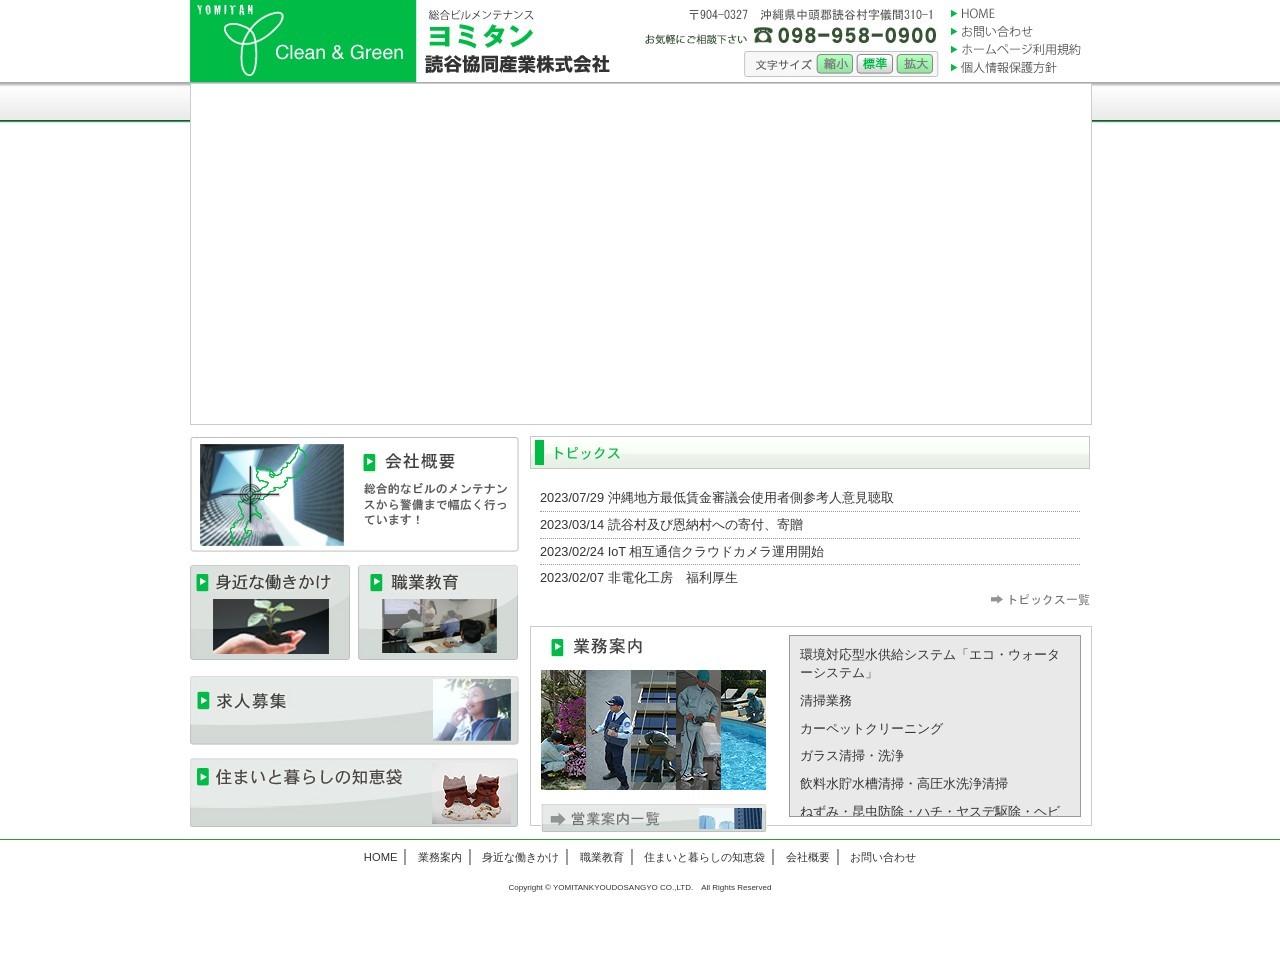 読谷協同産業株式会社